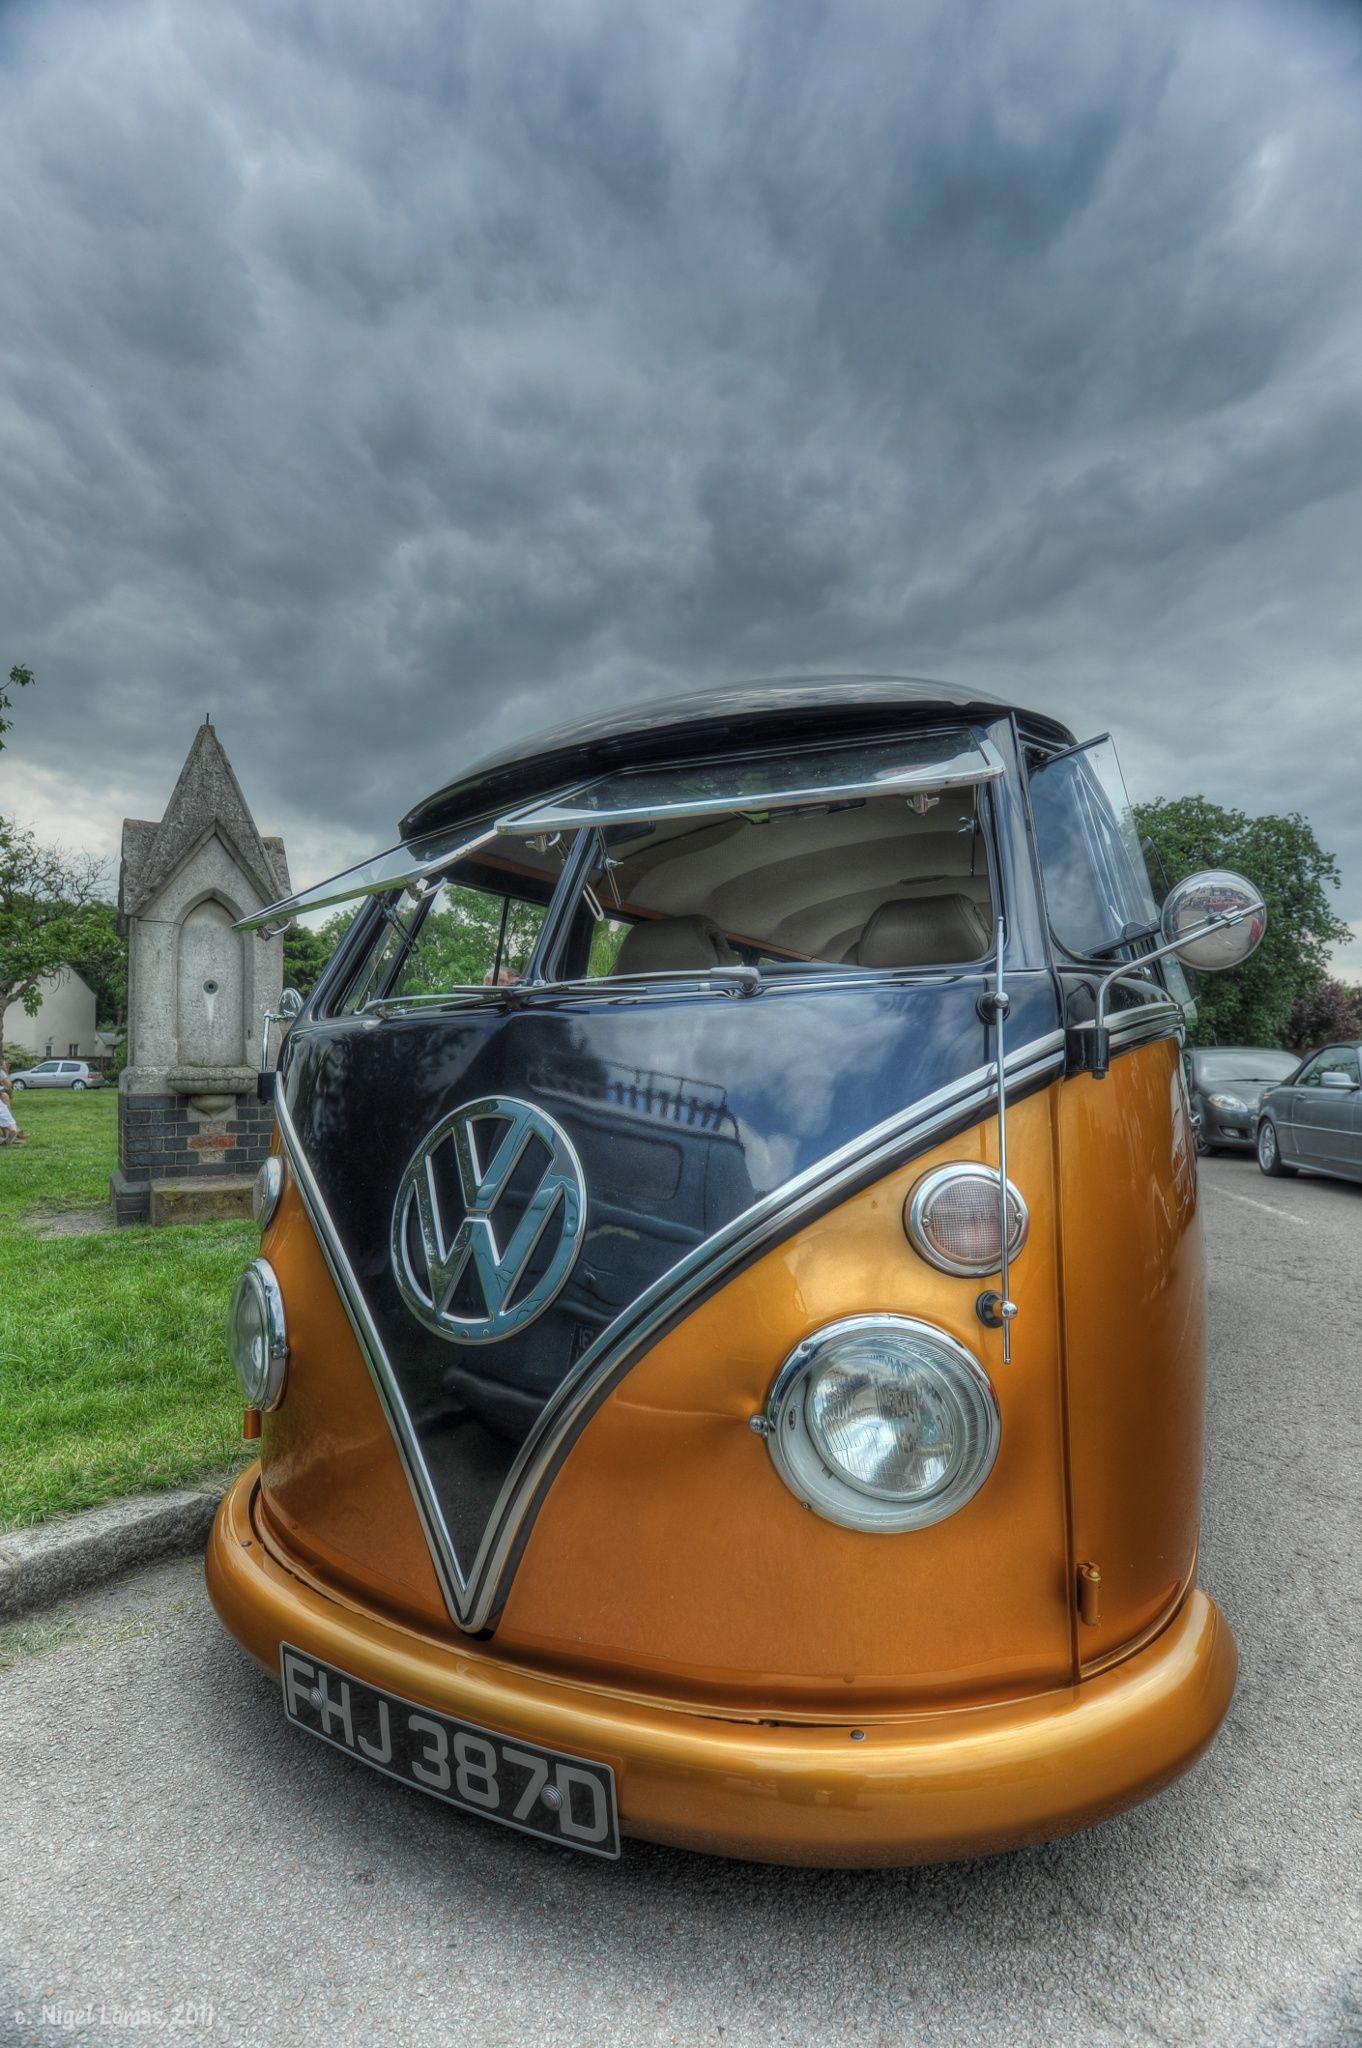 VW Camper by Nigel Lomas